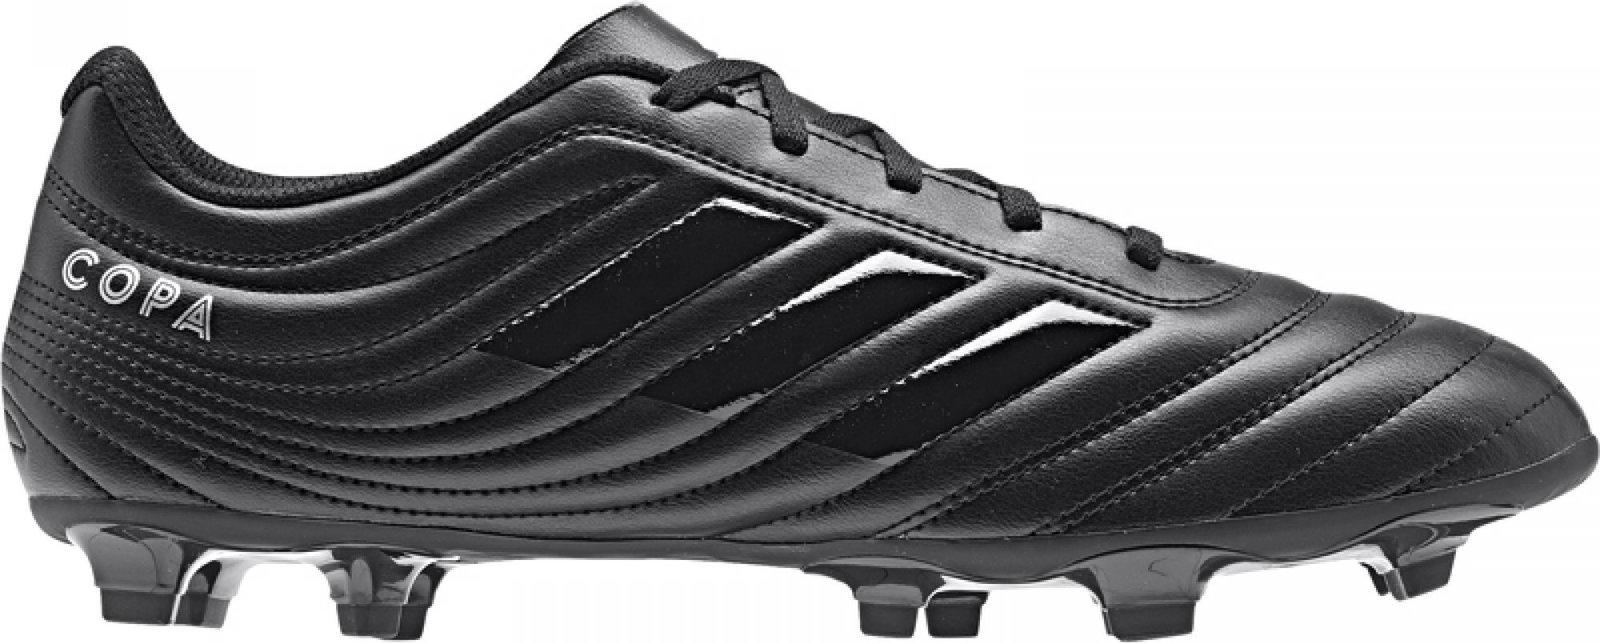 נעלי אדידס כדורגל גברים נוער Adidas Copa 19.4 FG